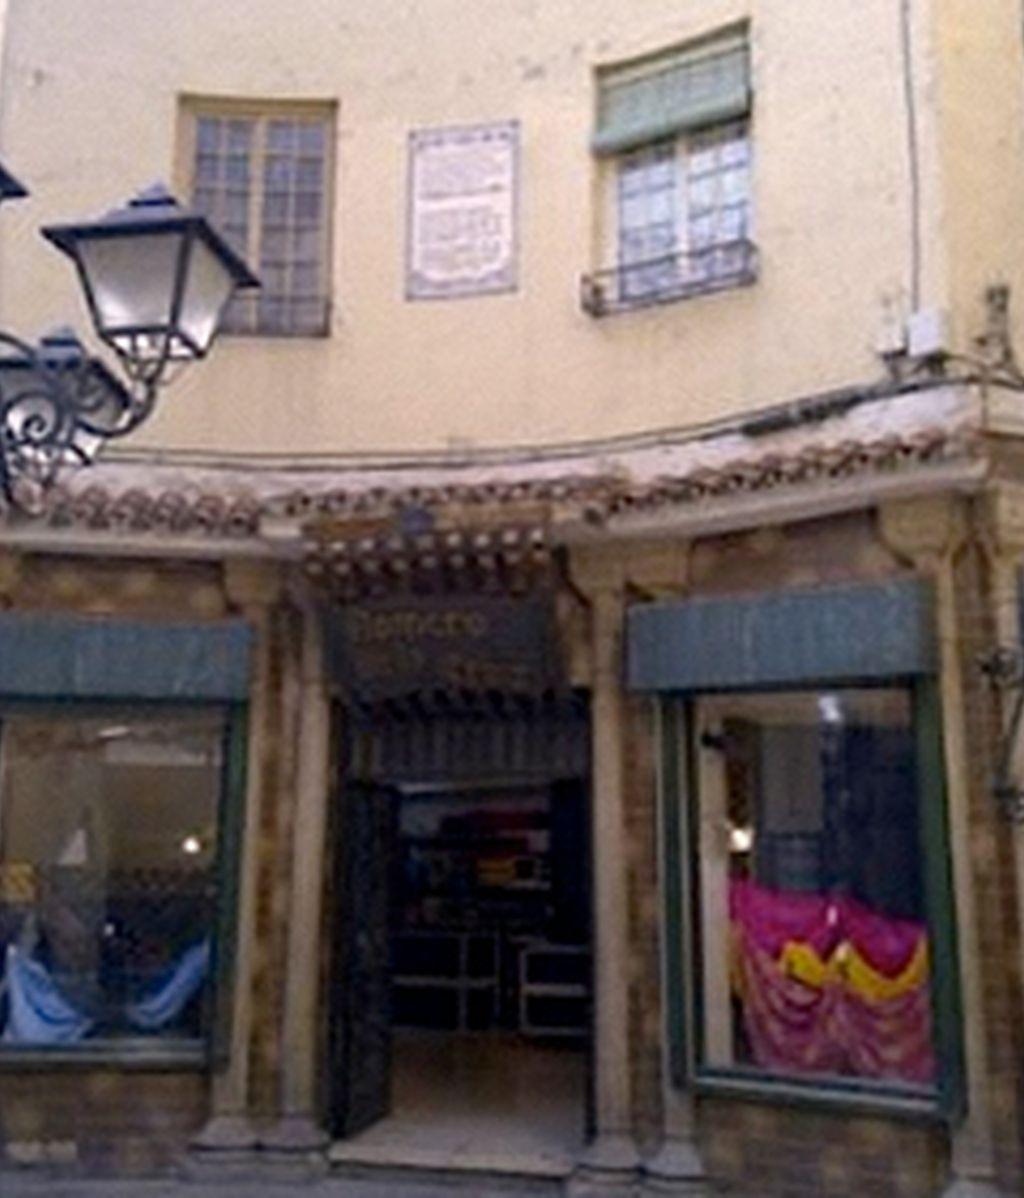 Los versos de García Lorca forman parte también de los espacios donde el poeta compuso su obra. (Fachada del Edificio Chinitas).